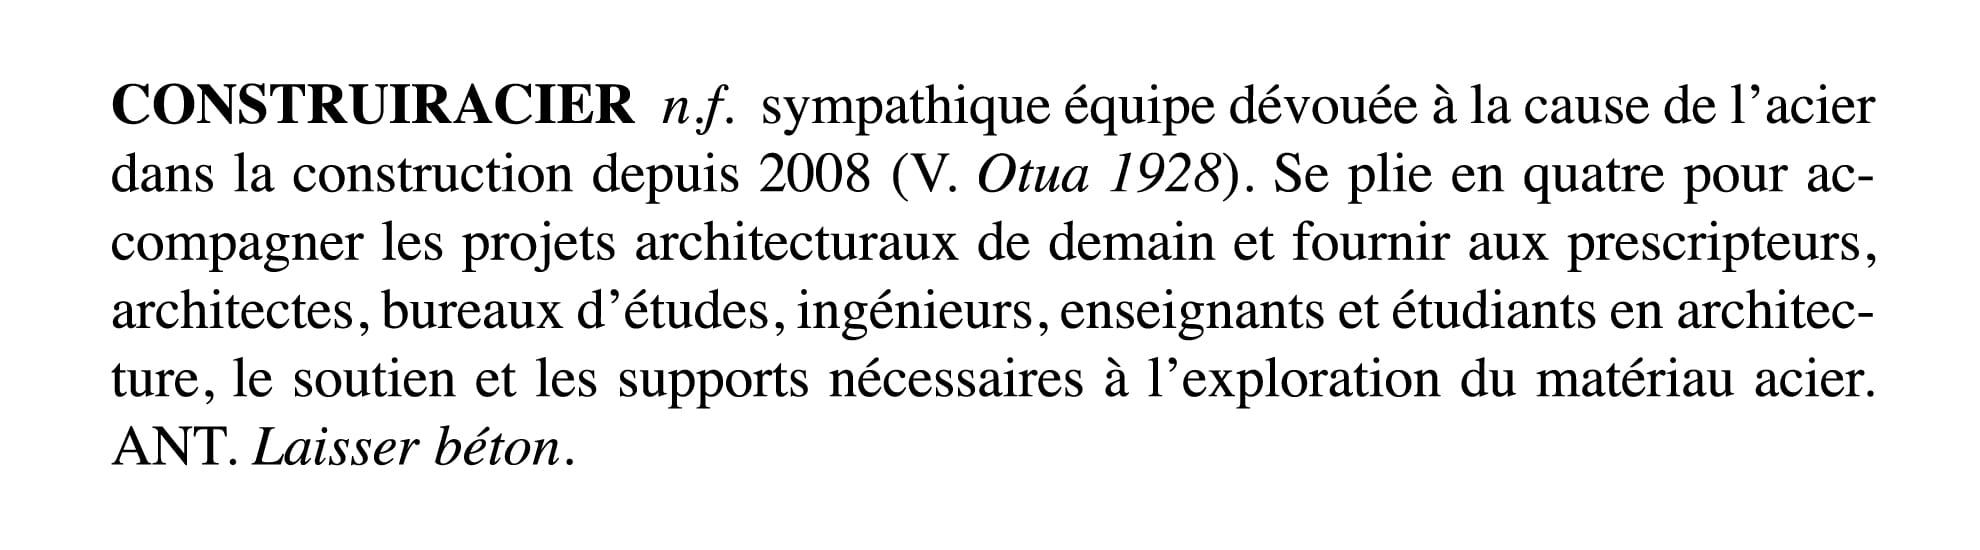 definition-construiracier